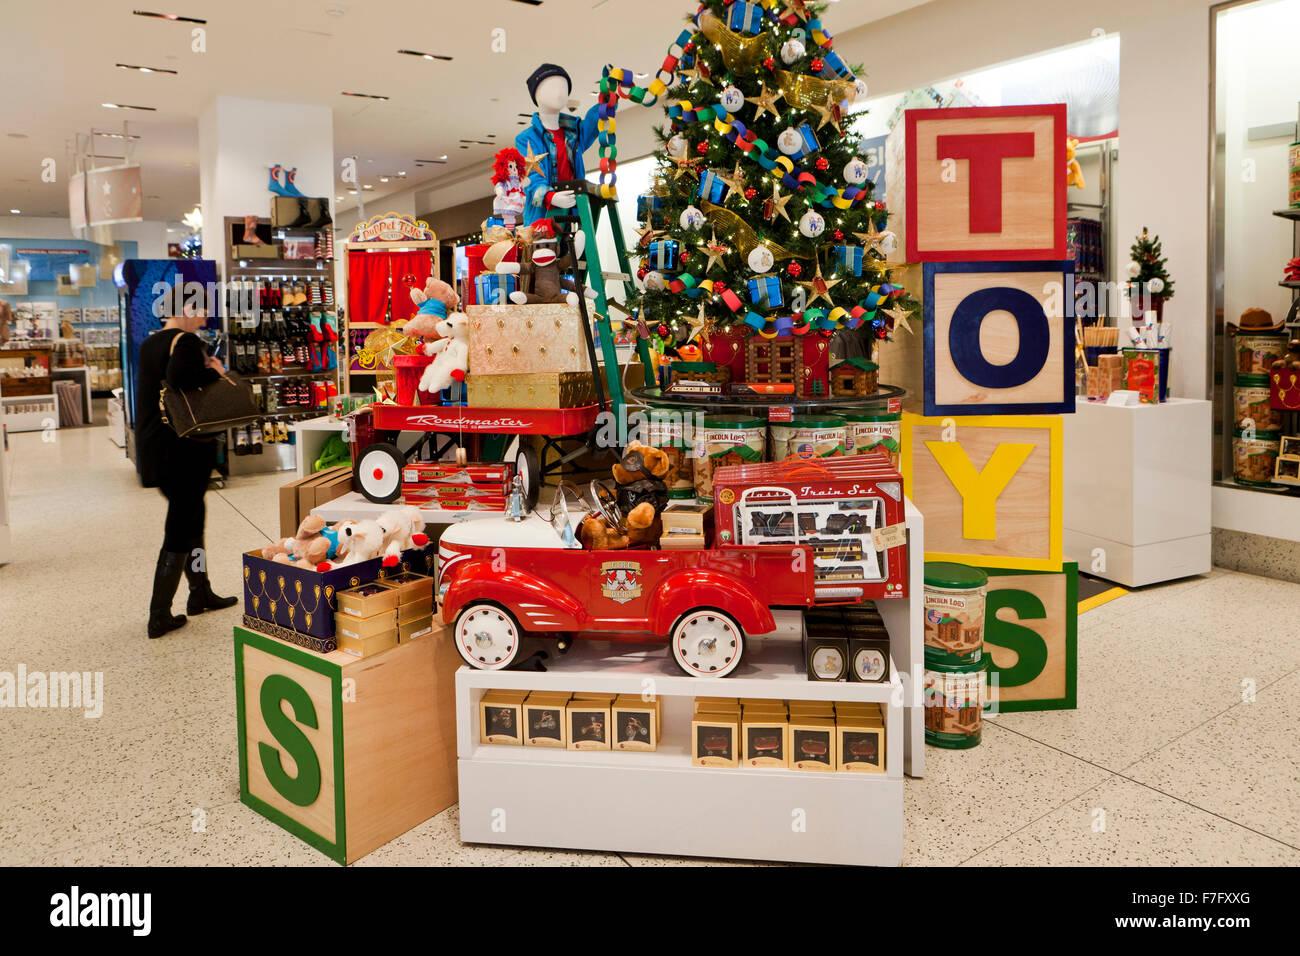 Weihnachten Spielzeug anzeigen im Shopping Center - USA Stockfoto ...